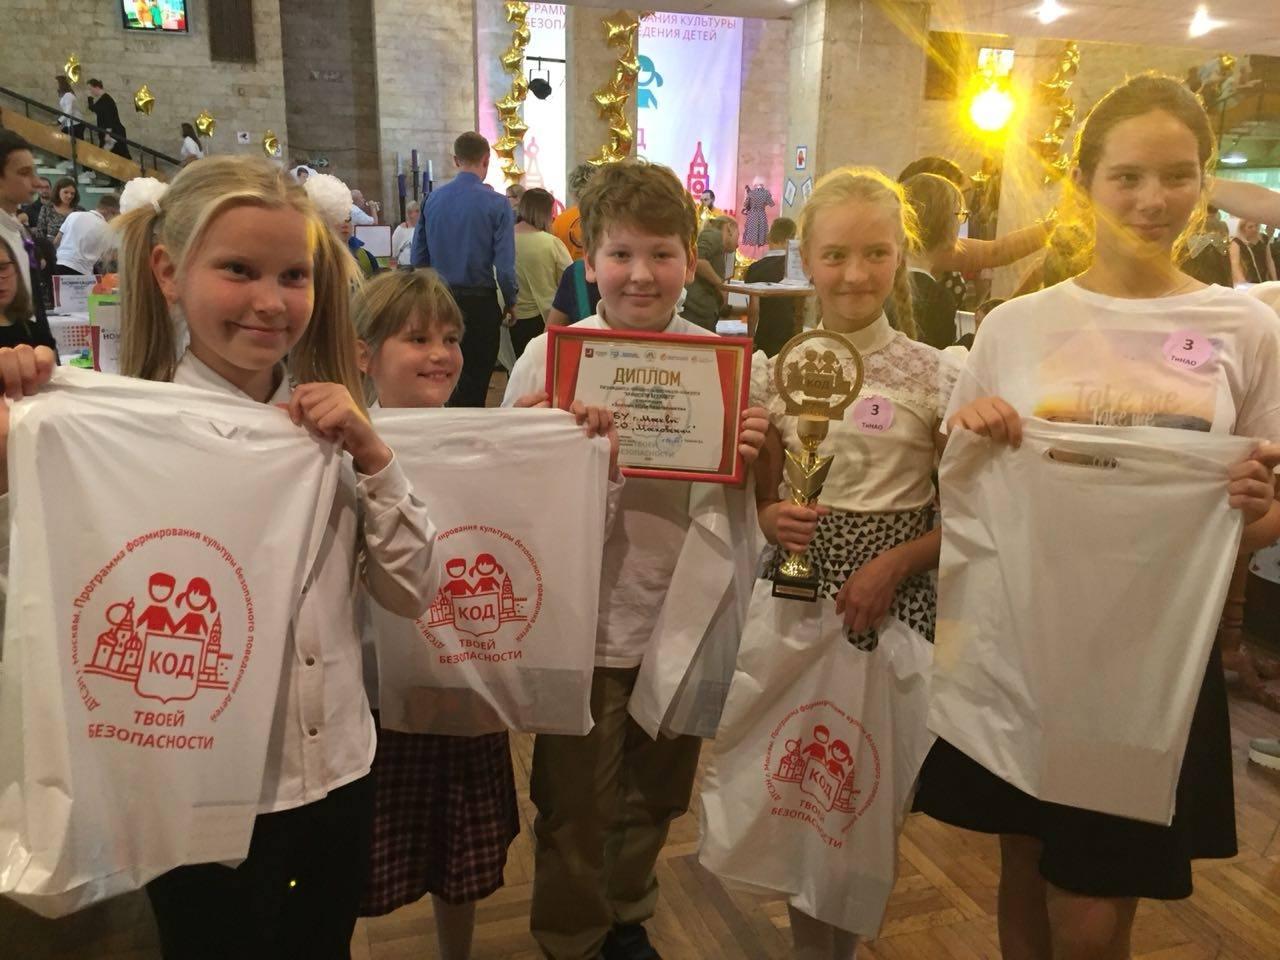 Участники проекта «Московская смена» победили в номинации фестиваля «Хранители будущего»